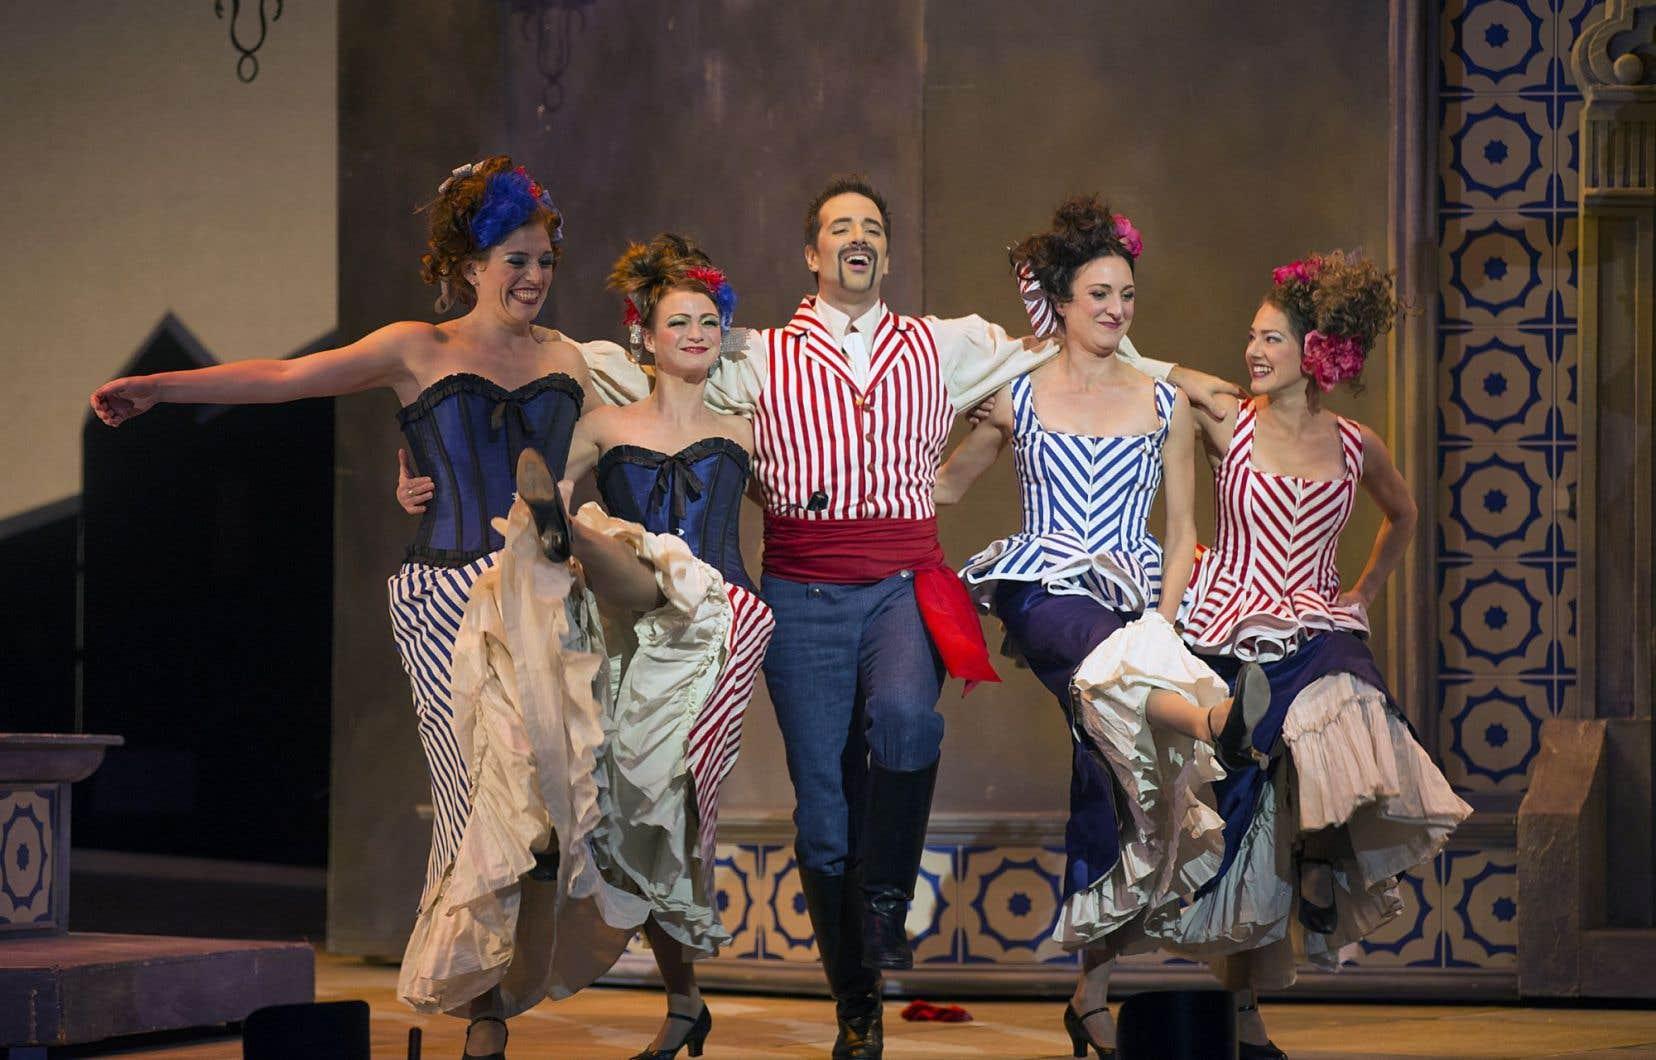 Ce que l'on voit en premier, c'est l'agitation clownesque irrésistible du personnage de Figaro, interprété par Étienne Dupuis.